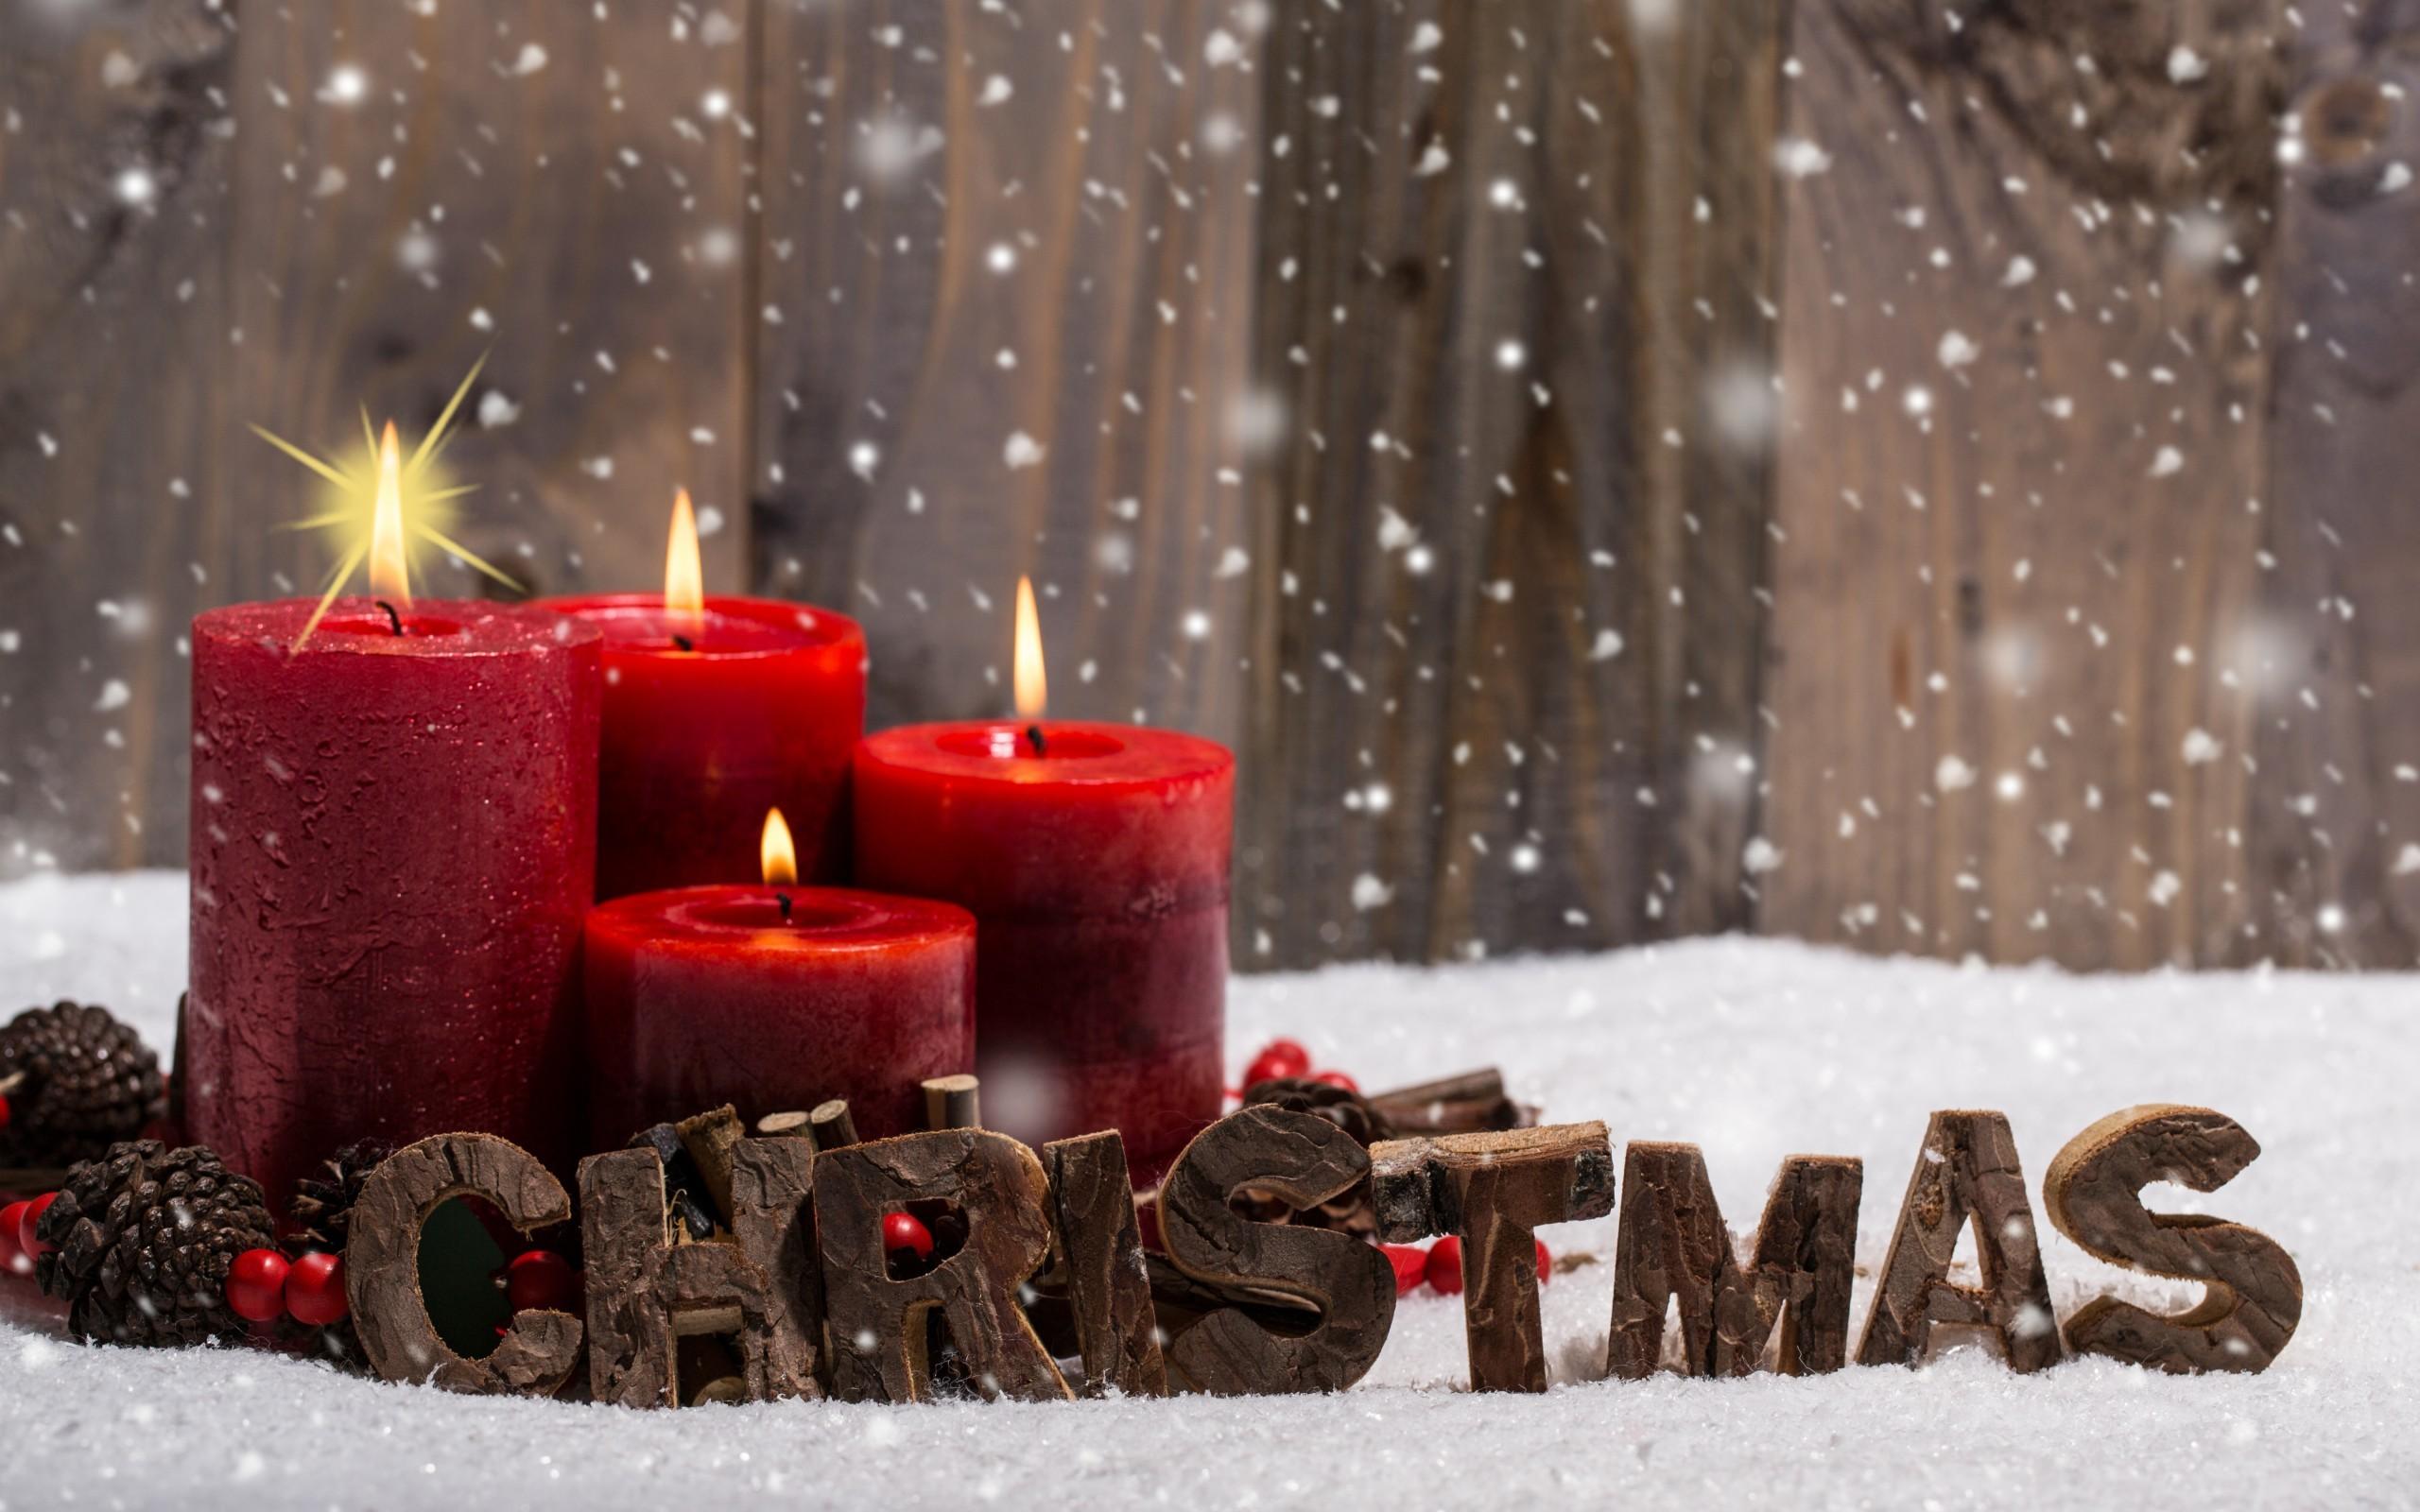 hintergrundbilder rot schnee winter weihnachten. Black Bedroom Furniture Sets. Home Design Ideas